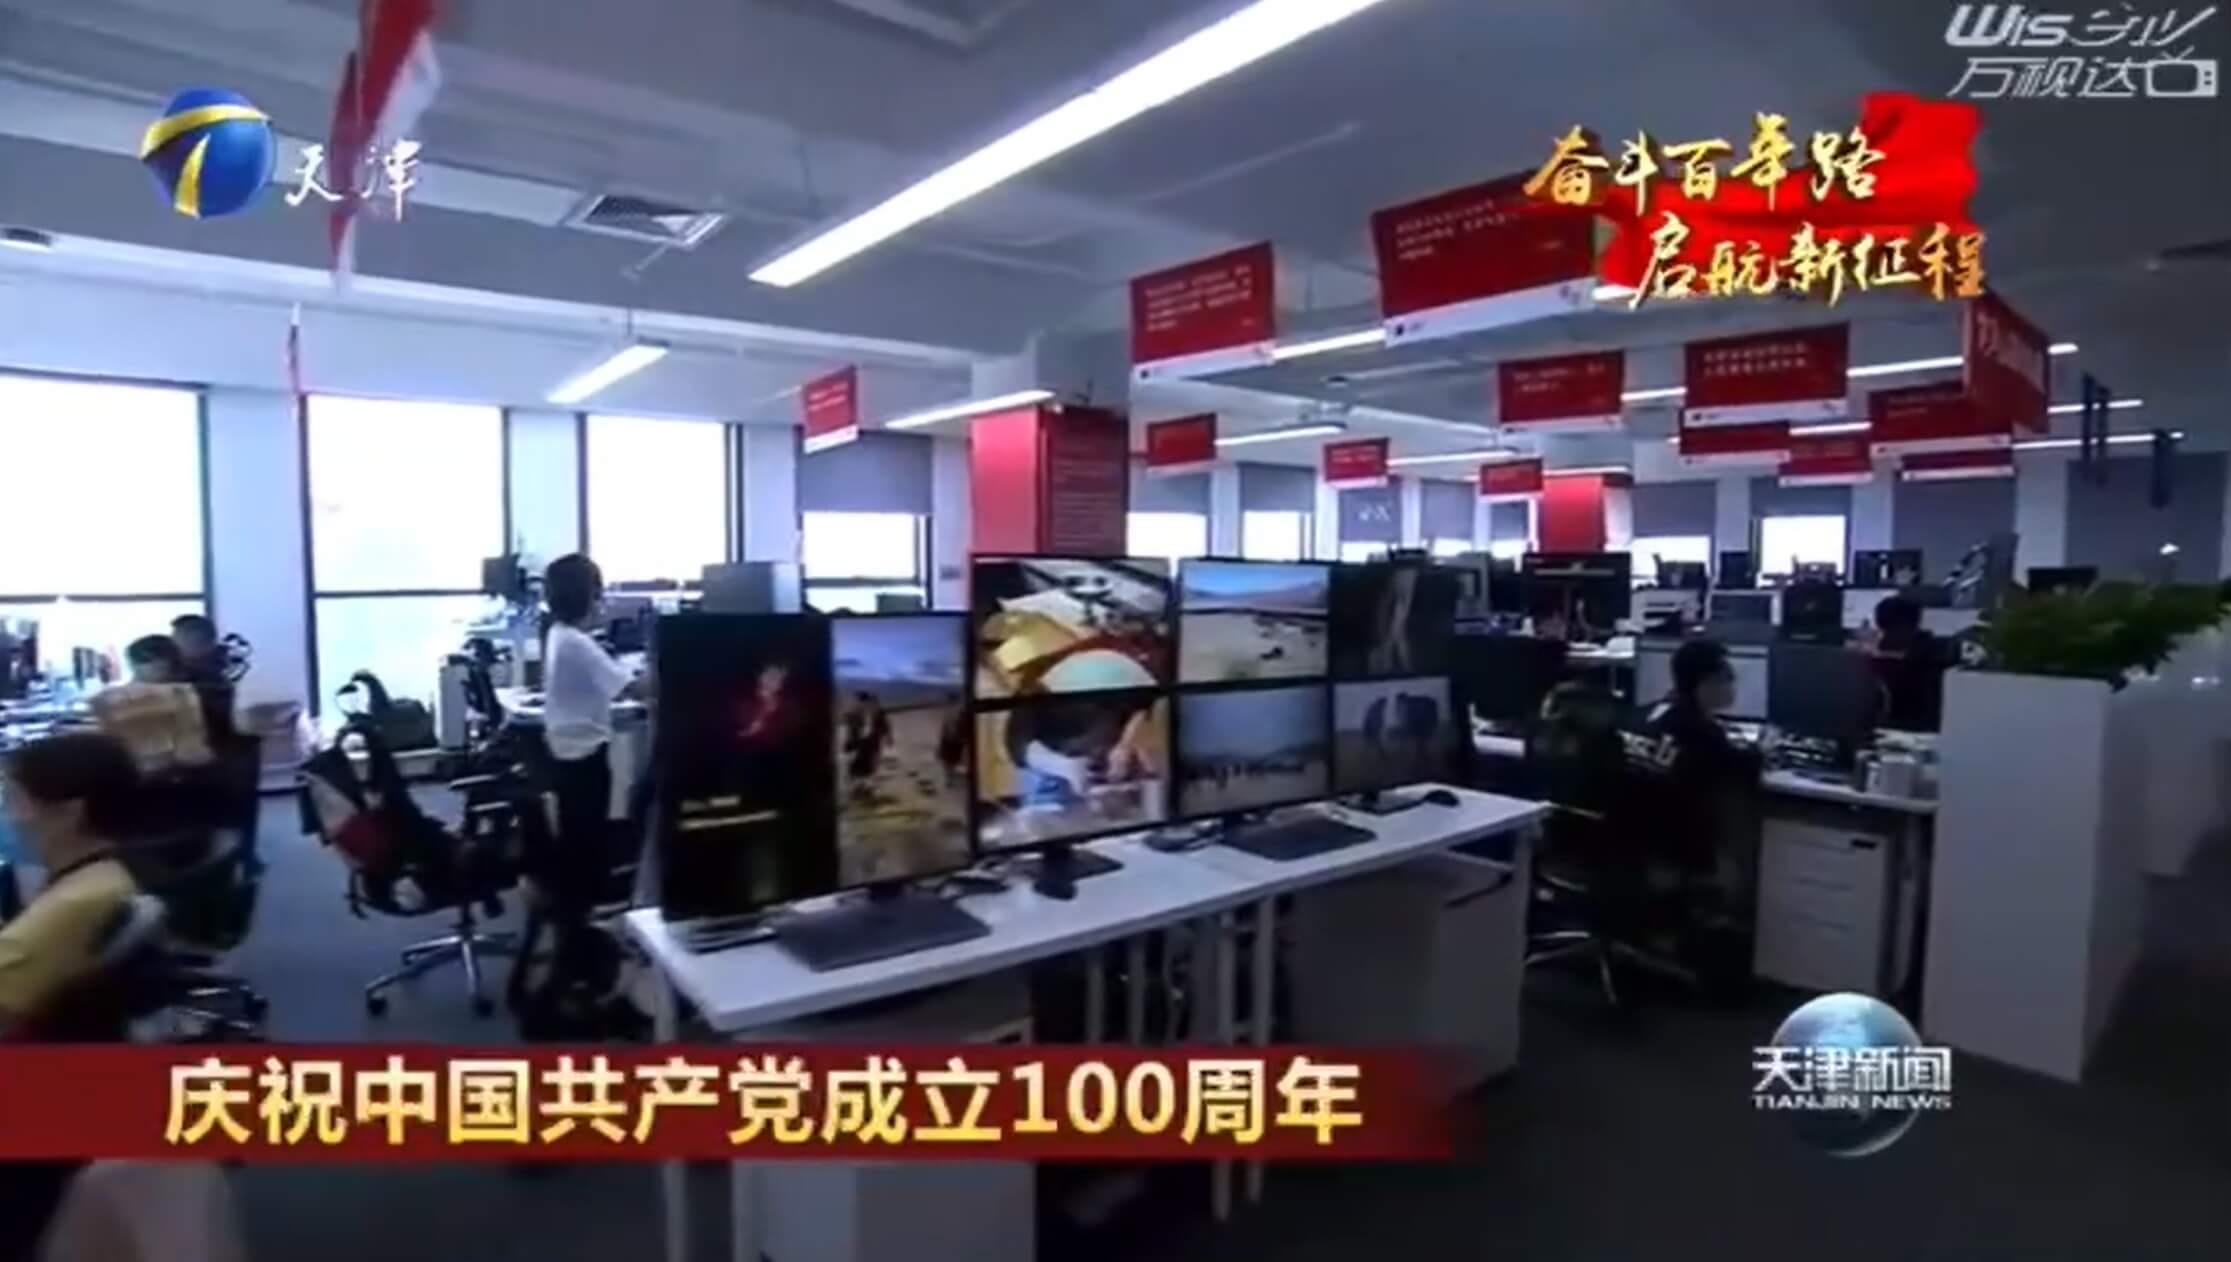 天津新闻: 云账户坚持党建引领 青春向党 继续奋斗